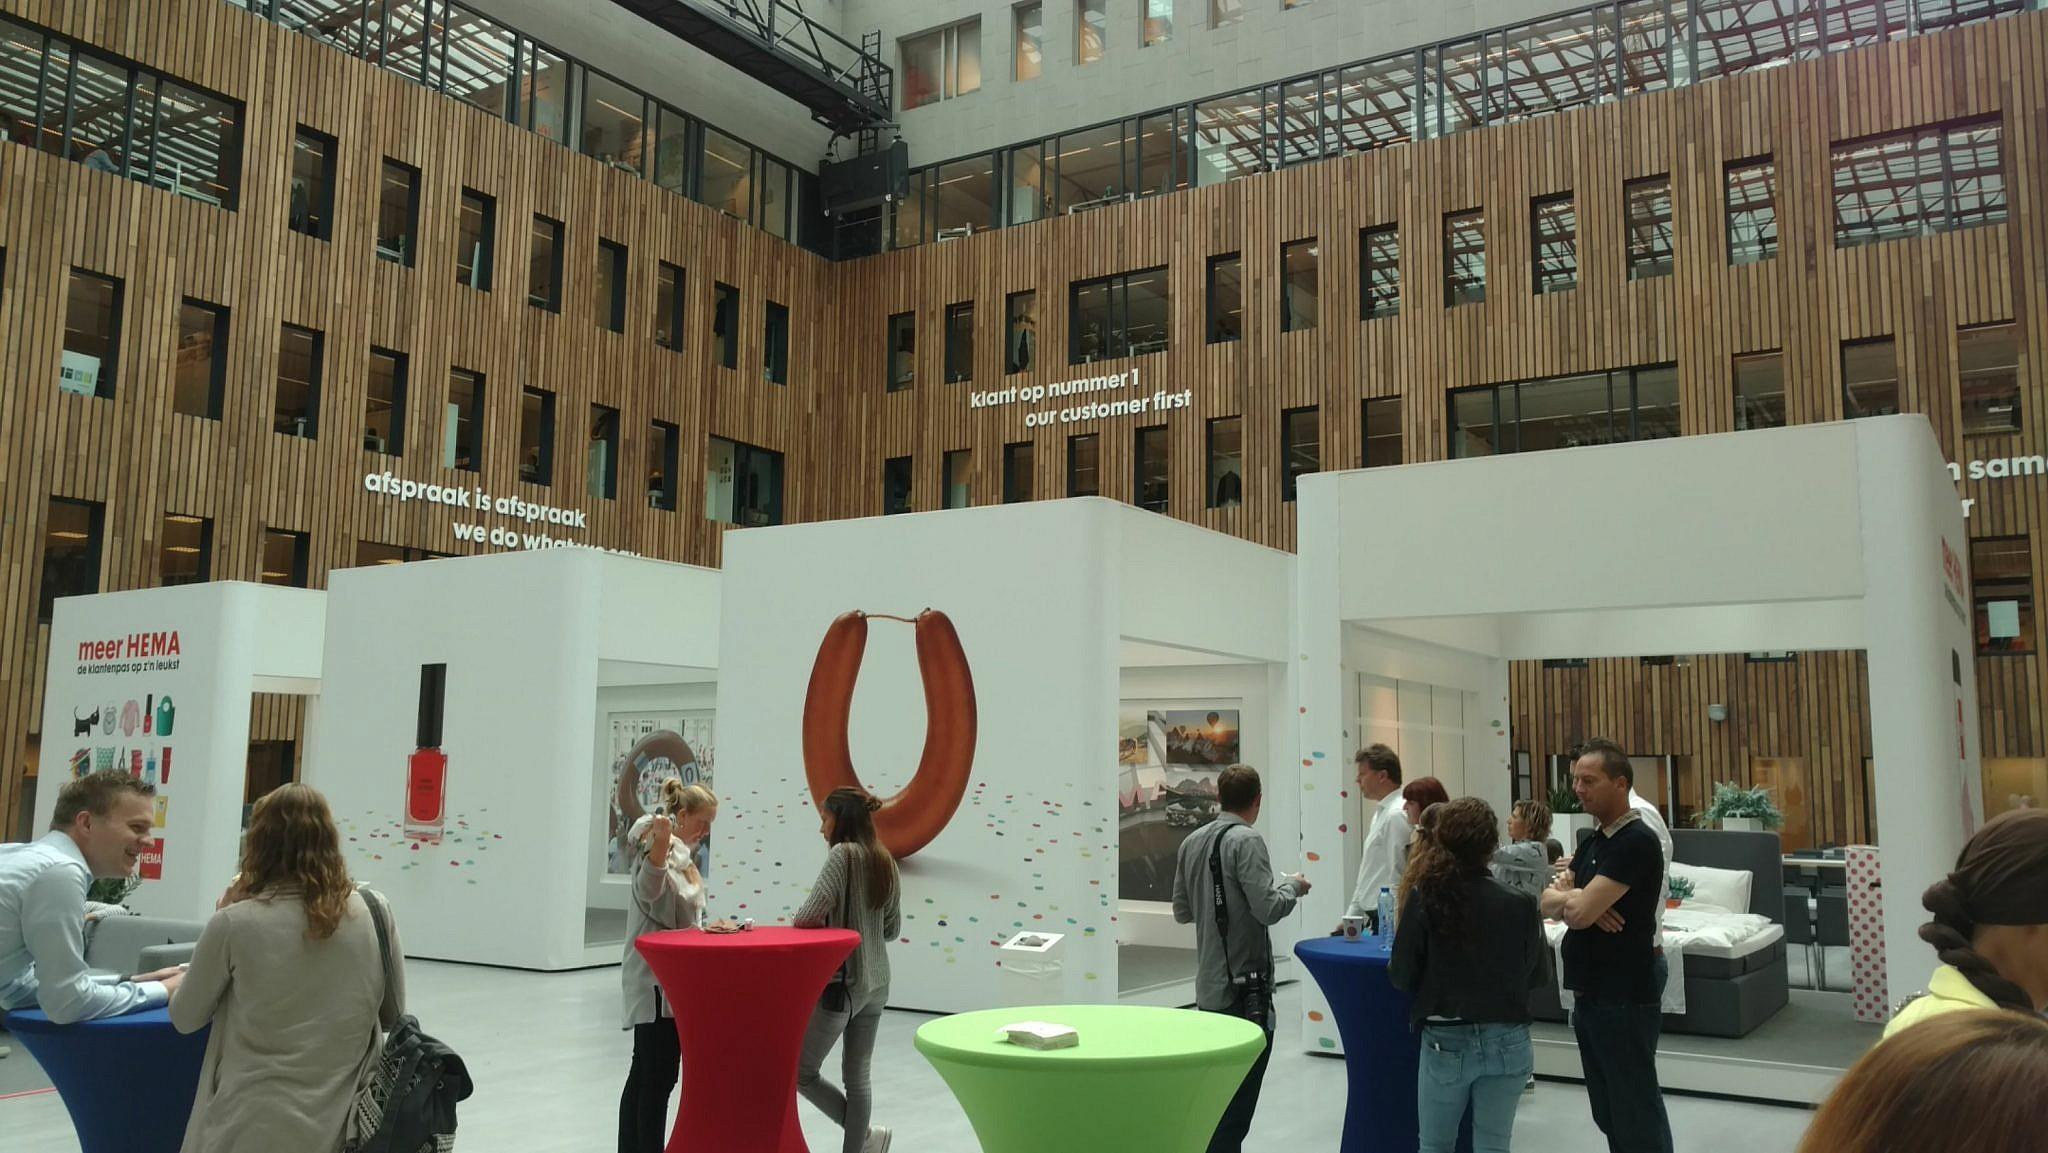 HEMA | Hoofdkantoor | wordt | architectuur | Amsterdam